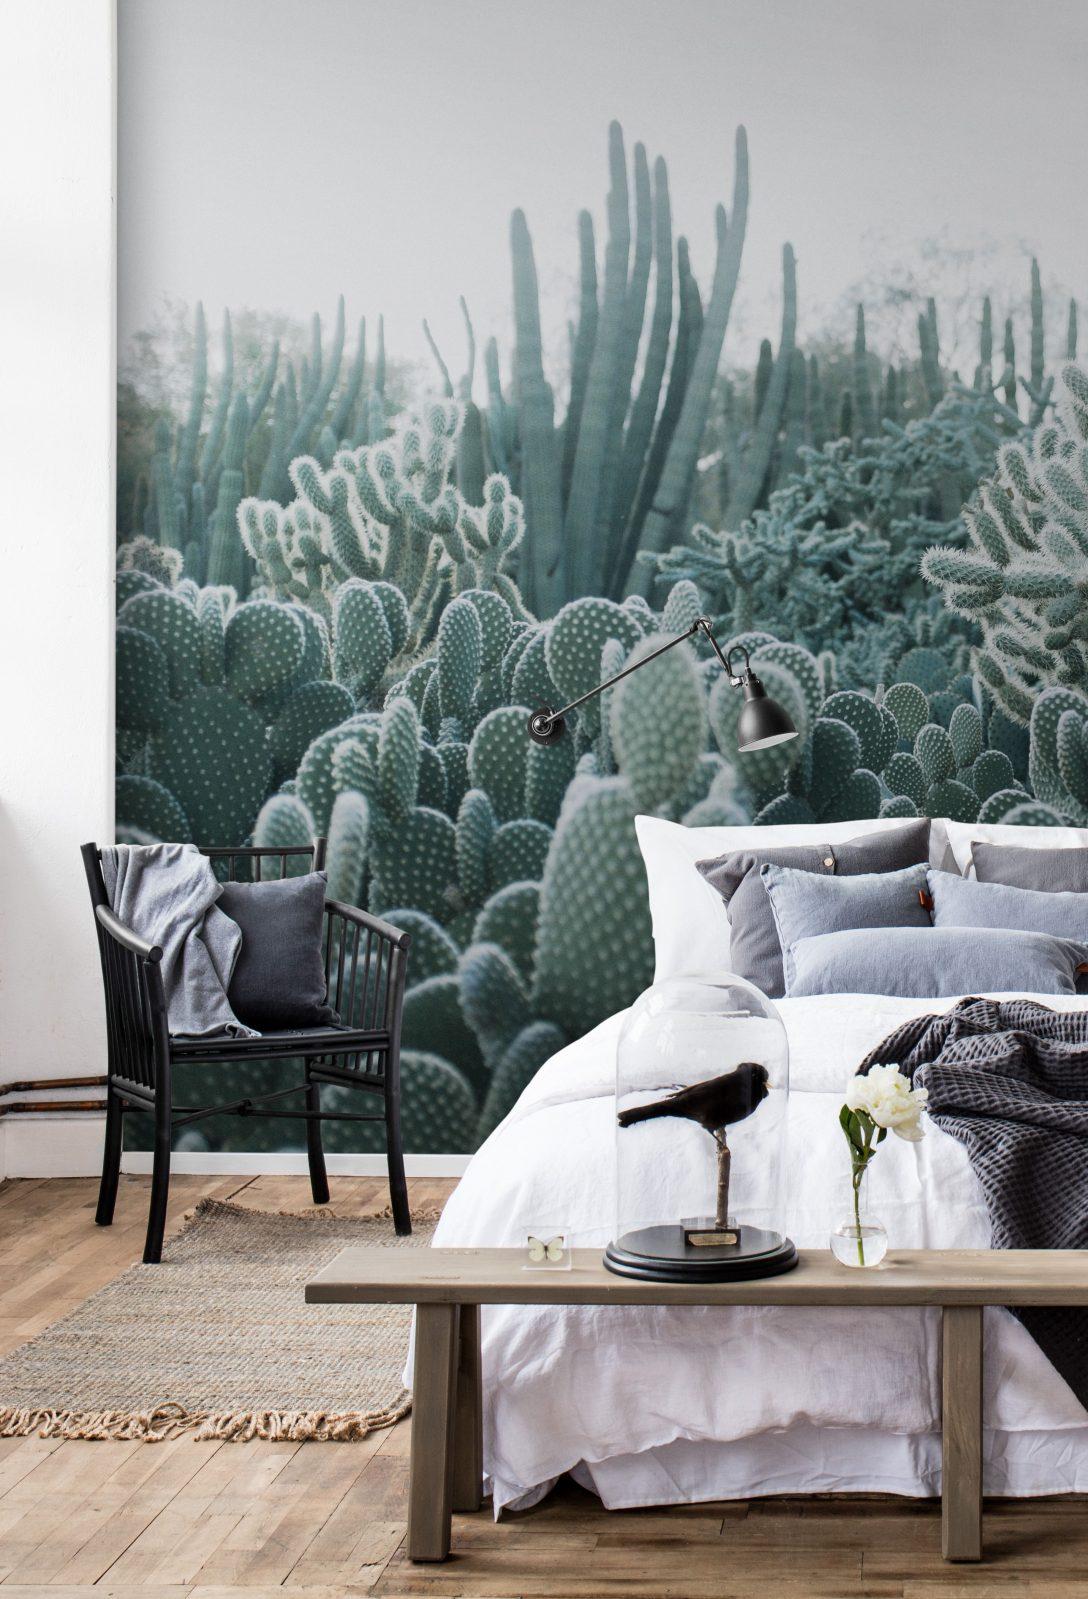 Large Size of Cacti In 2020 Schlafzimmer Tapete Led Deckenleuchte Schränke Deckenlampe Komplette Landhausstil Weiß Nolte Komplett Guenstig Wiemann Vorhänge Truhe Lampen Wohnzimmer Schlafzimmer Tapeten Ideen